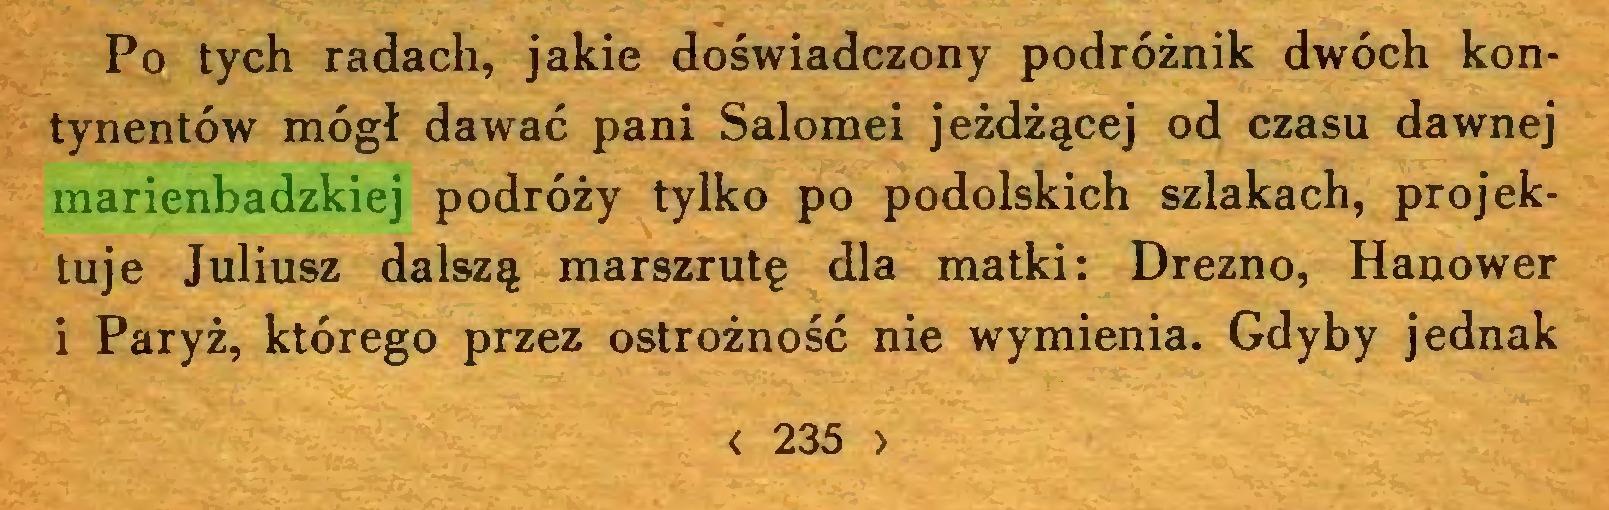 (...) Po tych radach, jakie doświadczony podróżnik dwóch kontynentów mógł dawać pani Salomei jeżdżącej od czasu dawnej marienbadzkiej podróży tylko po podolskich szlakach, projektuje Juliusz dalszą marszrutę dla matki: Drezno, Hanower i Paryż, którego przez ostrożność nie wymienia. Gdyby jednak < 235 >...